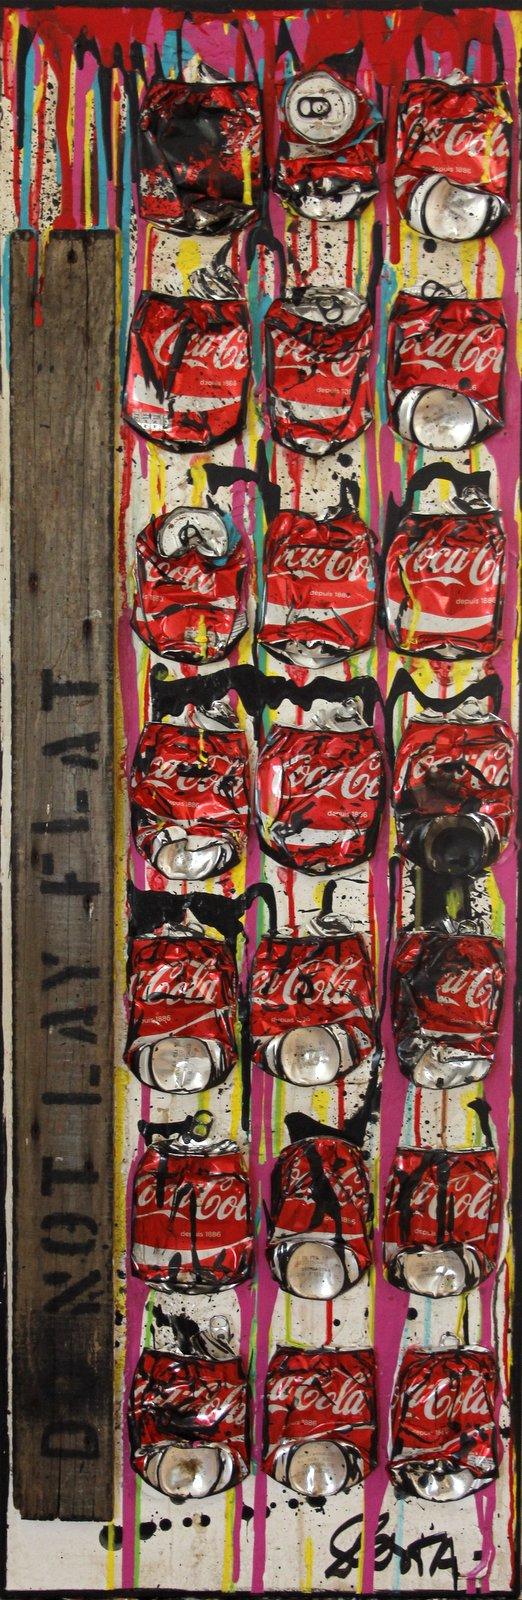 collage, canettes compressées Tableau Contemporain, Do not lay flat. Sophie Costa, artiste peintre.